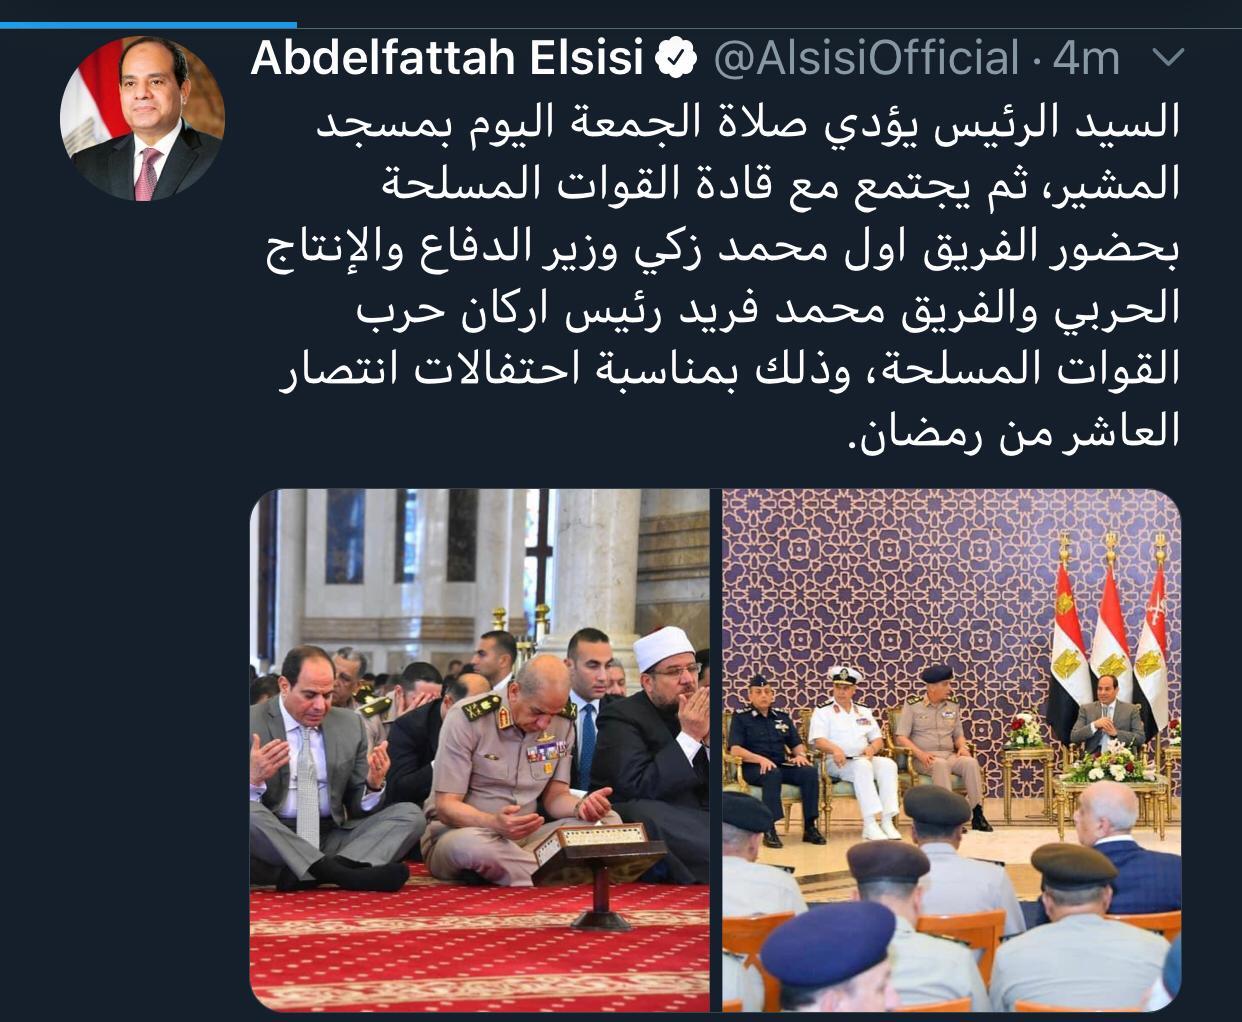 حساب السيسى على تويتر يبرز تأديته صلاة الجمعة واجتماعه بقادة القوات المسلحة